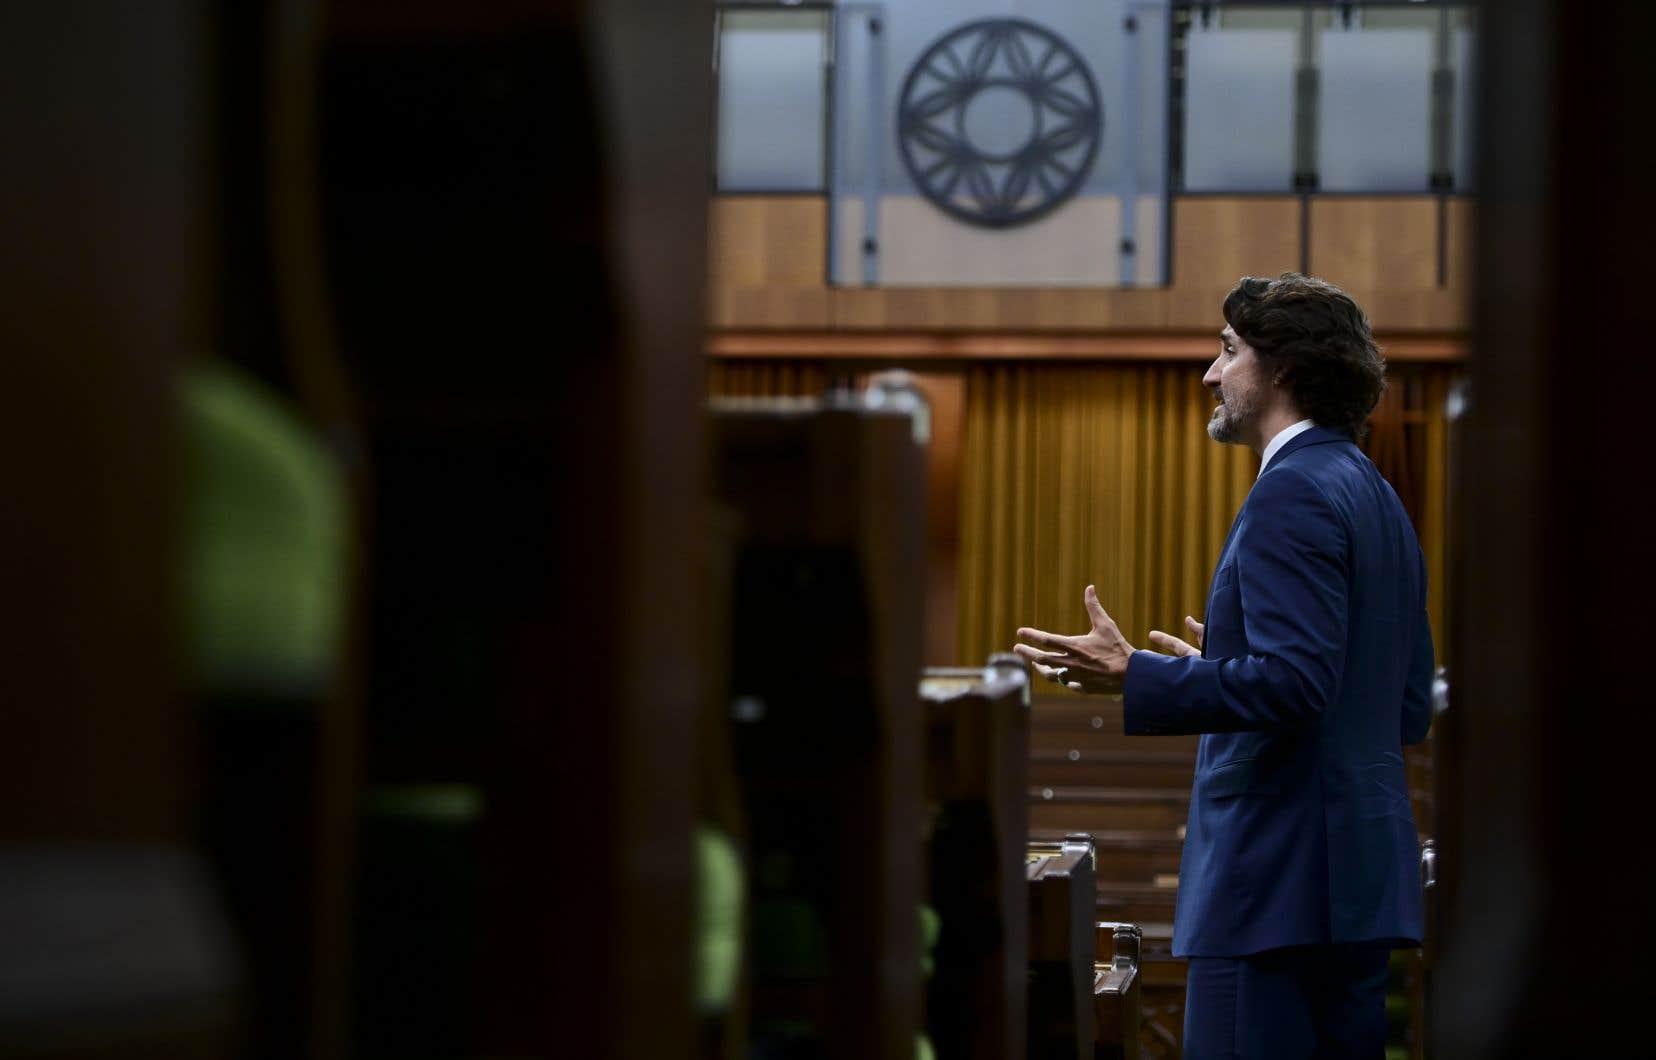 Toutes les lois imposant des élections à date fixe contiennent une échappatoire grosse comme une porte de grange, puisqu'elles précisent qu'elles n'affectent aucunement le pouvoir royal de dissoudre le Parlement, pouvoir exercé à la demande du premier ministre.